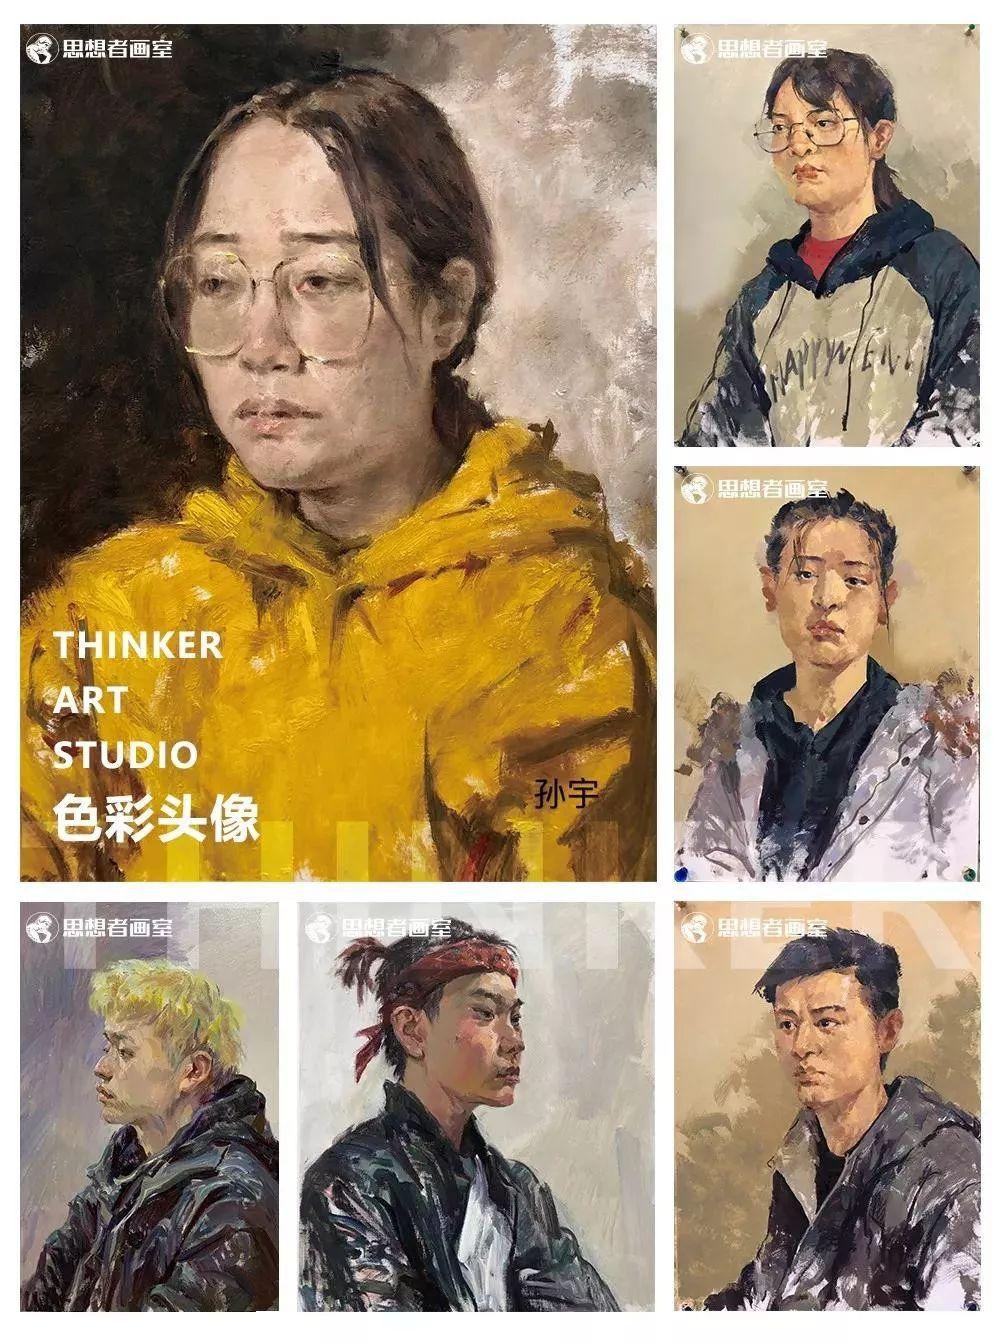 北京思想者画室预报名开启,北京画室招生,北京美术画室    13